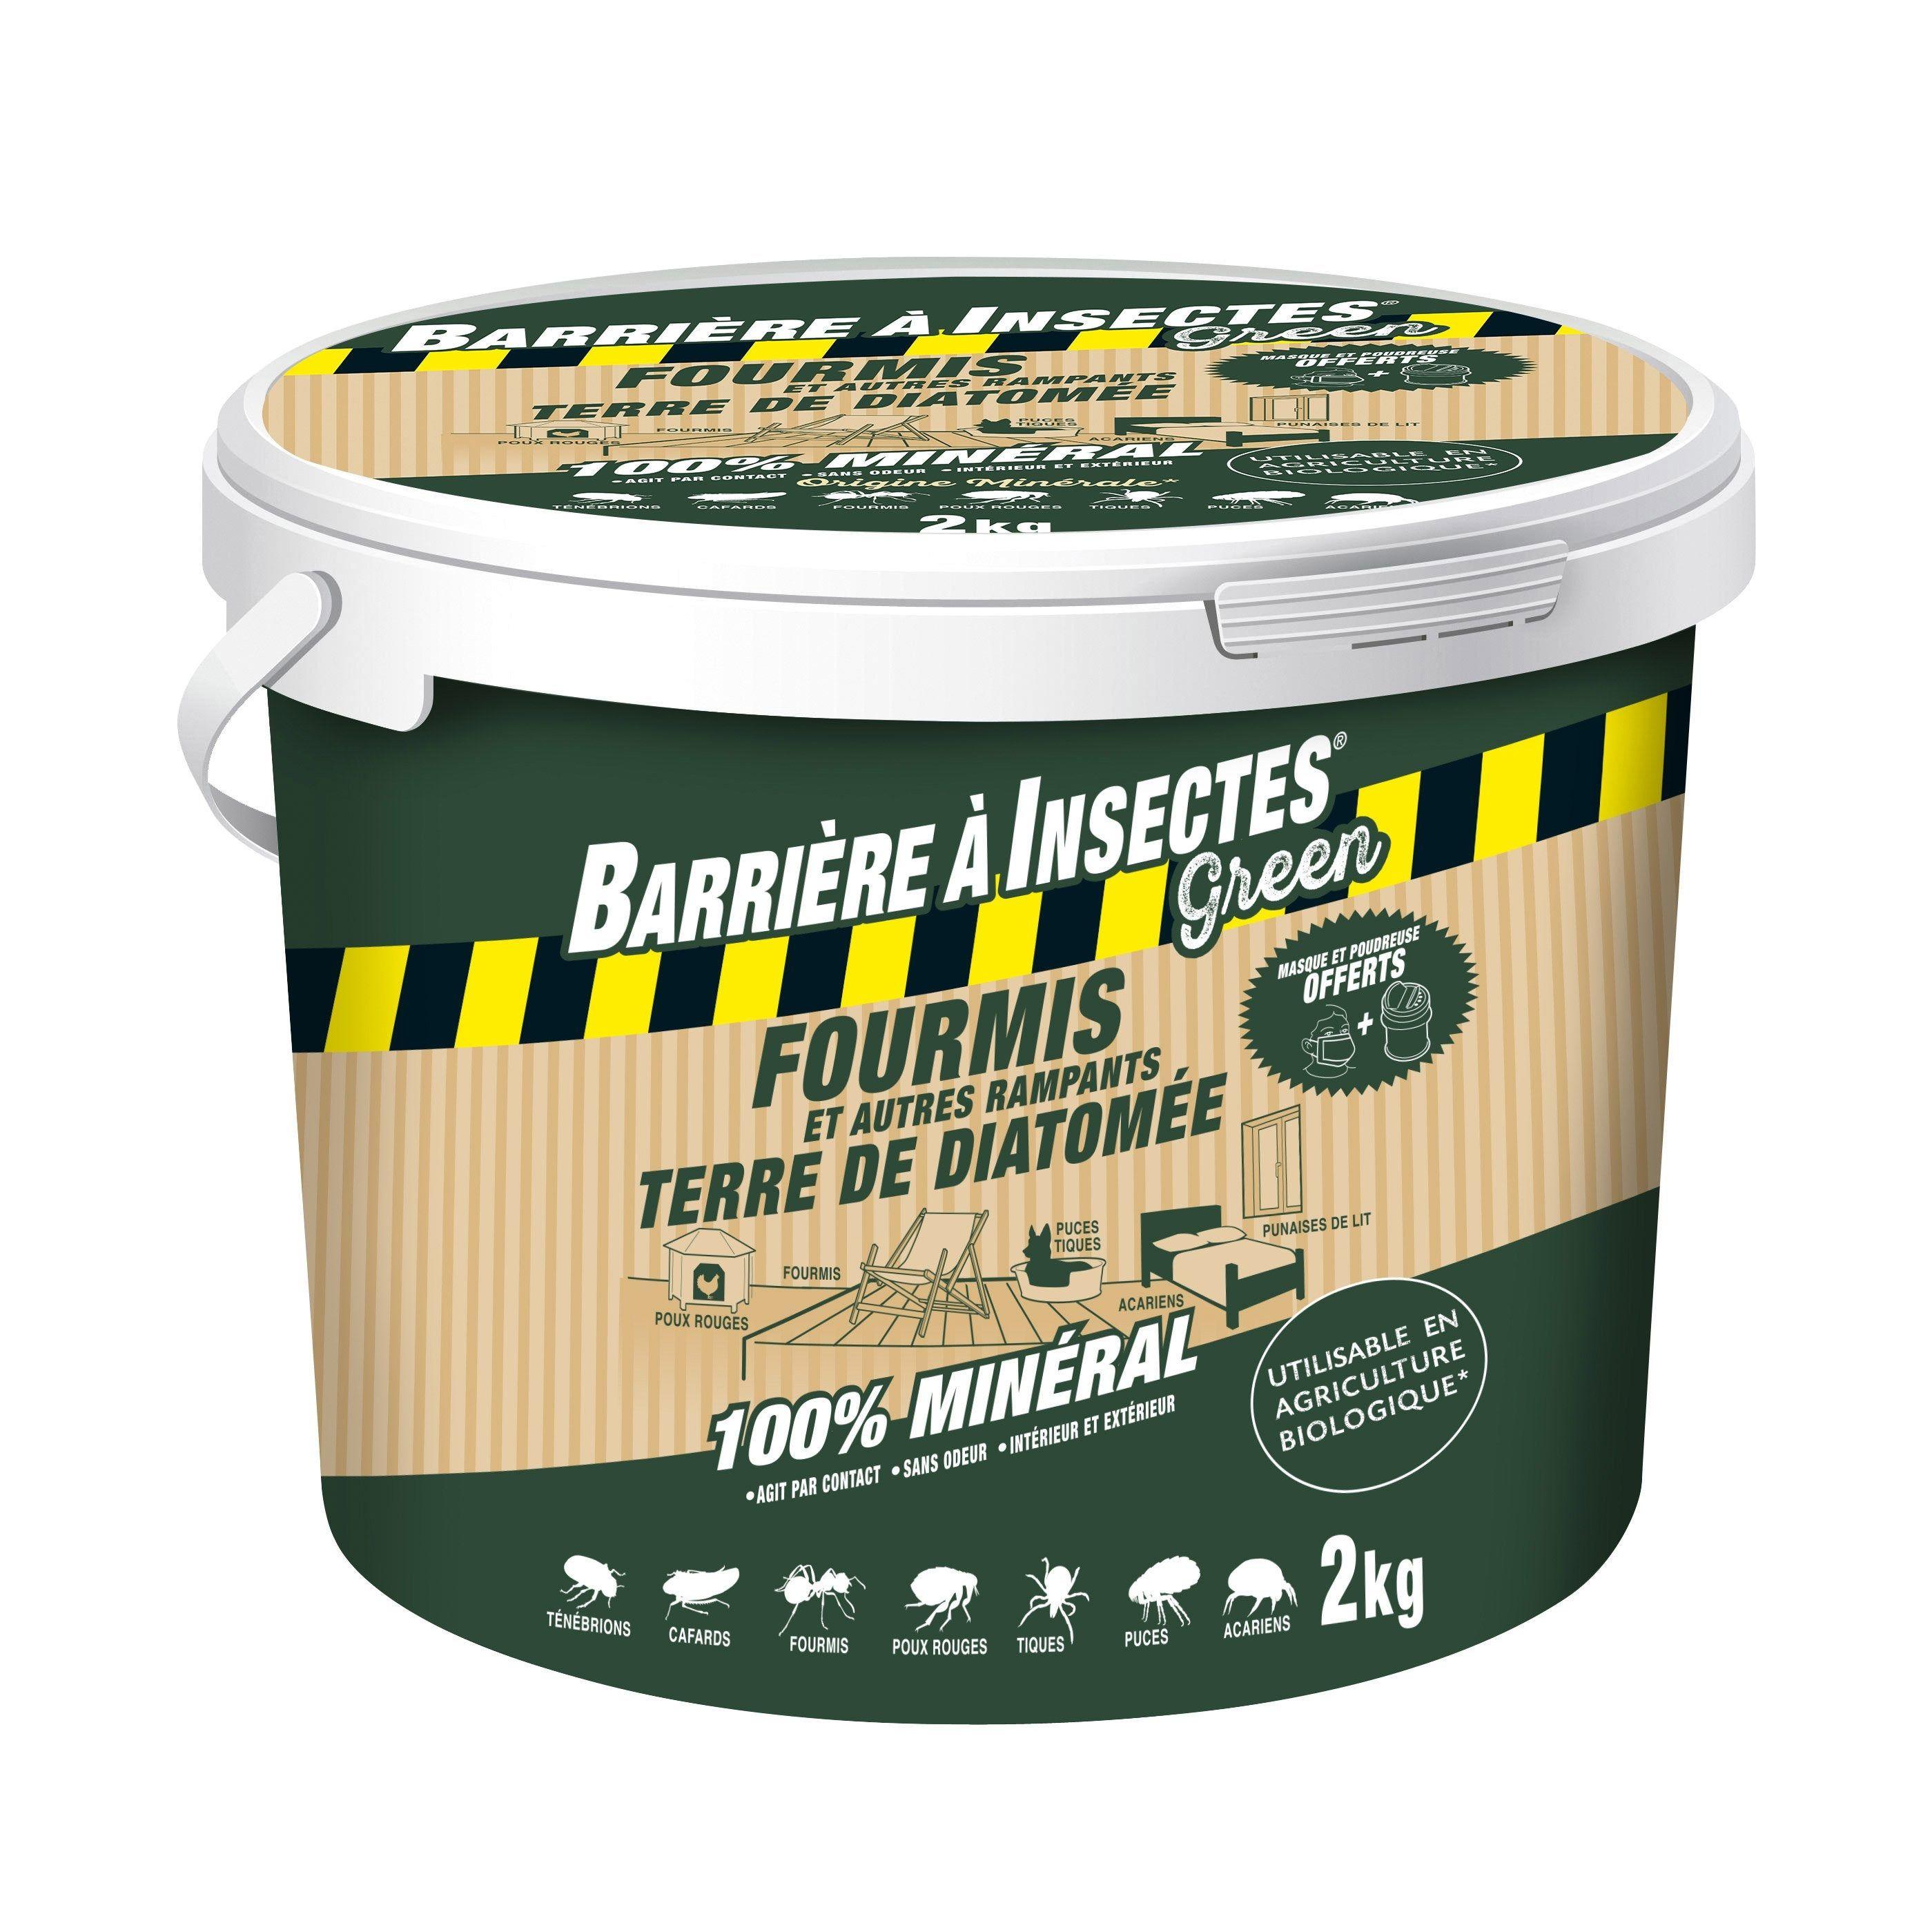 Poudre Anti Fourmis Barriere A Insectes 2kg Anti Fourmis Terre De Diatomee Et Fourmis